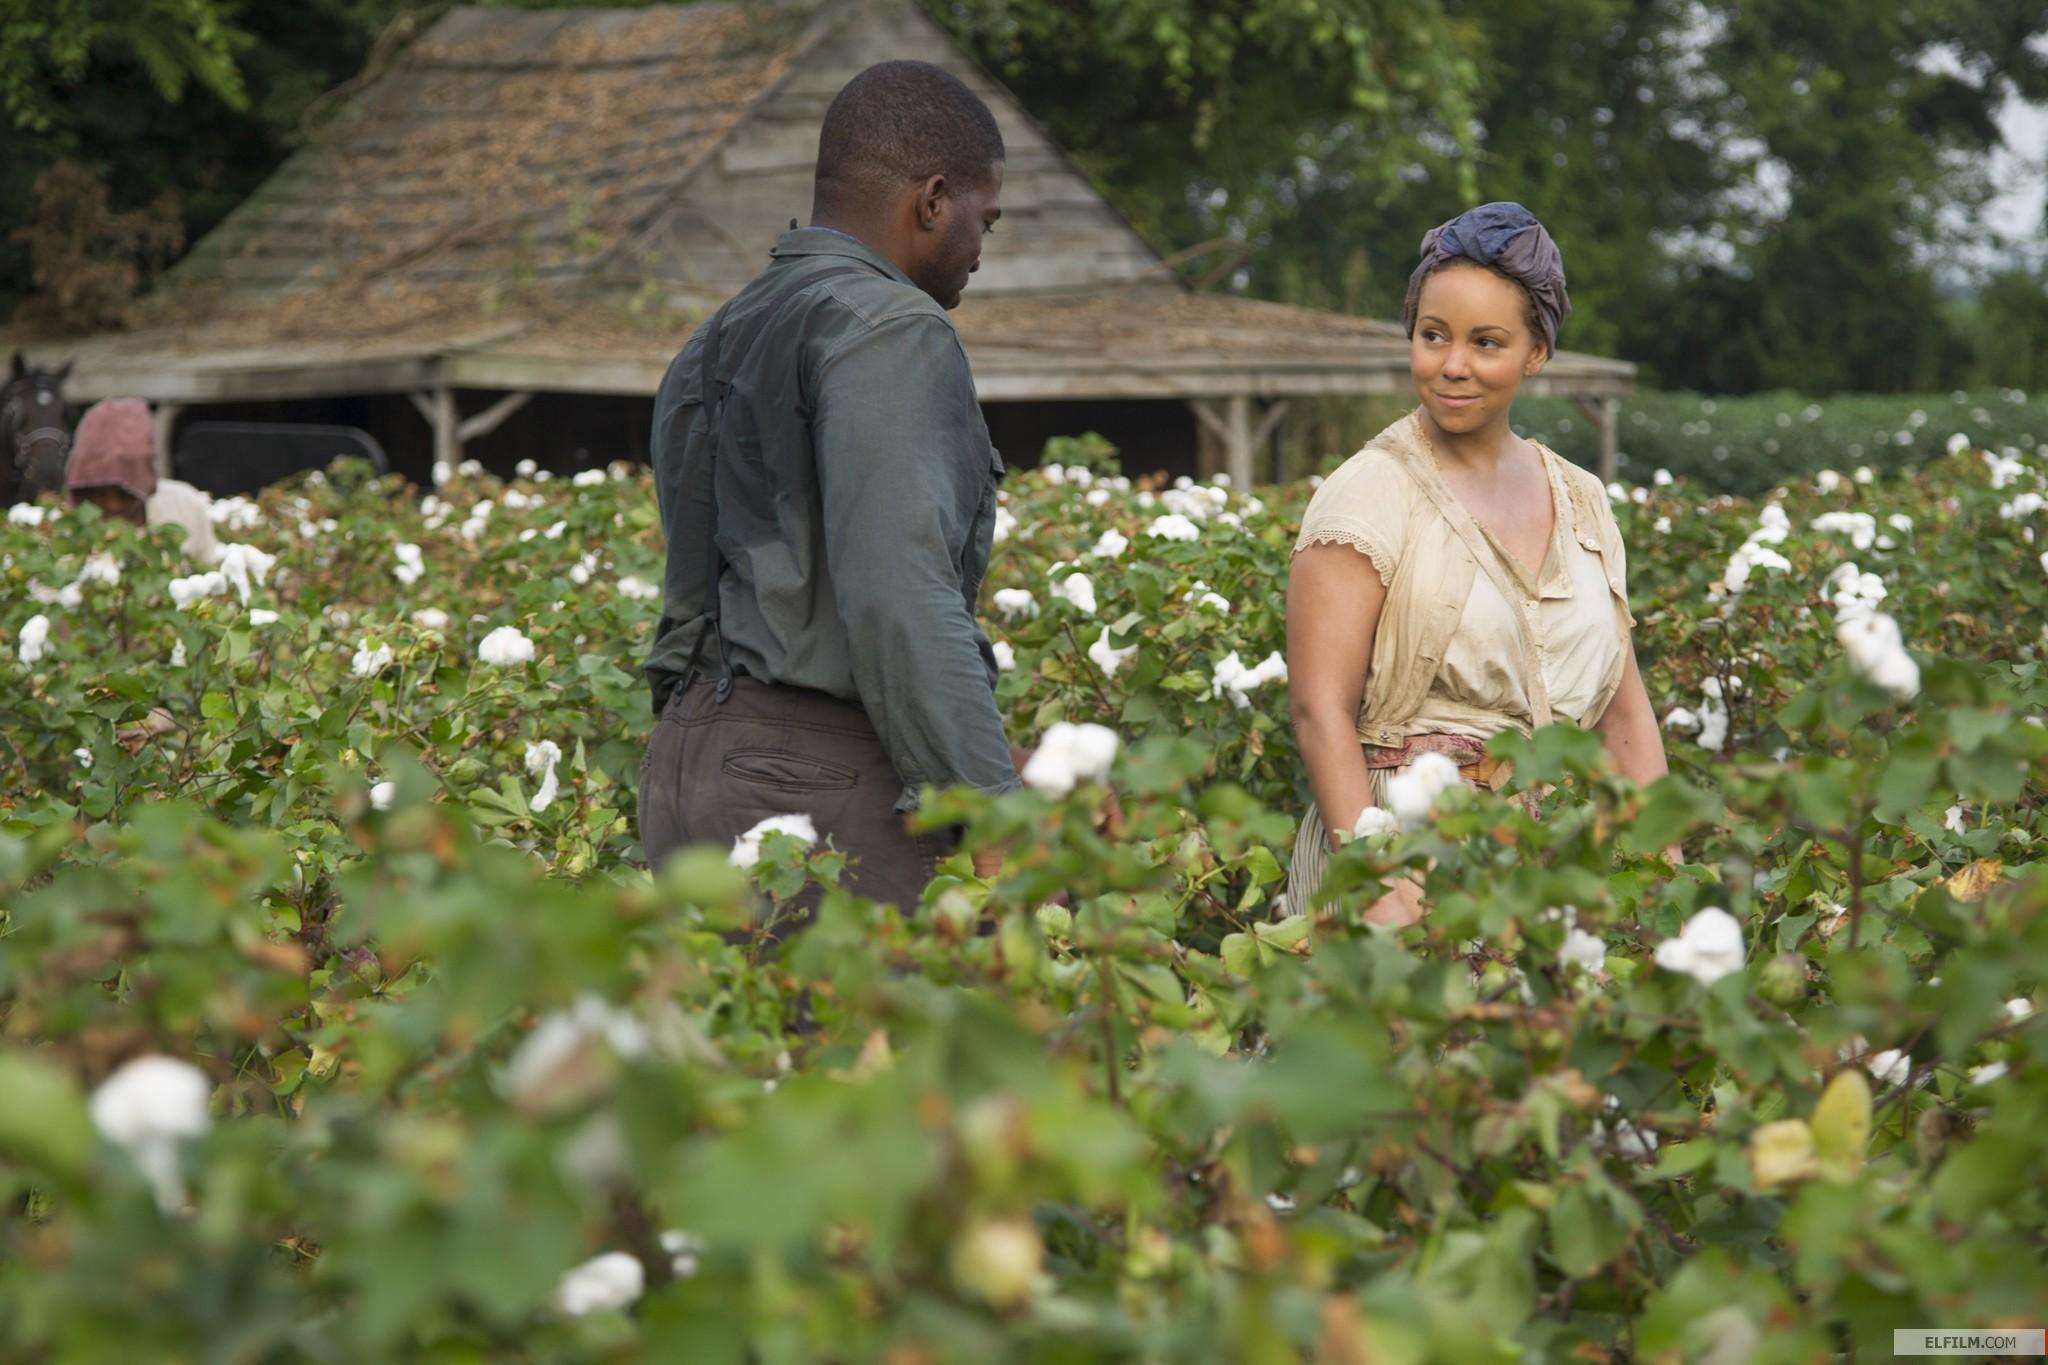 Mariah Carey vive uma escrava em O Mordomo da Casa Branca (photo by www.elfilm.com)